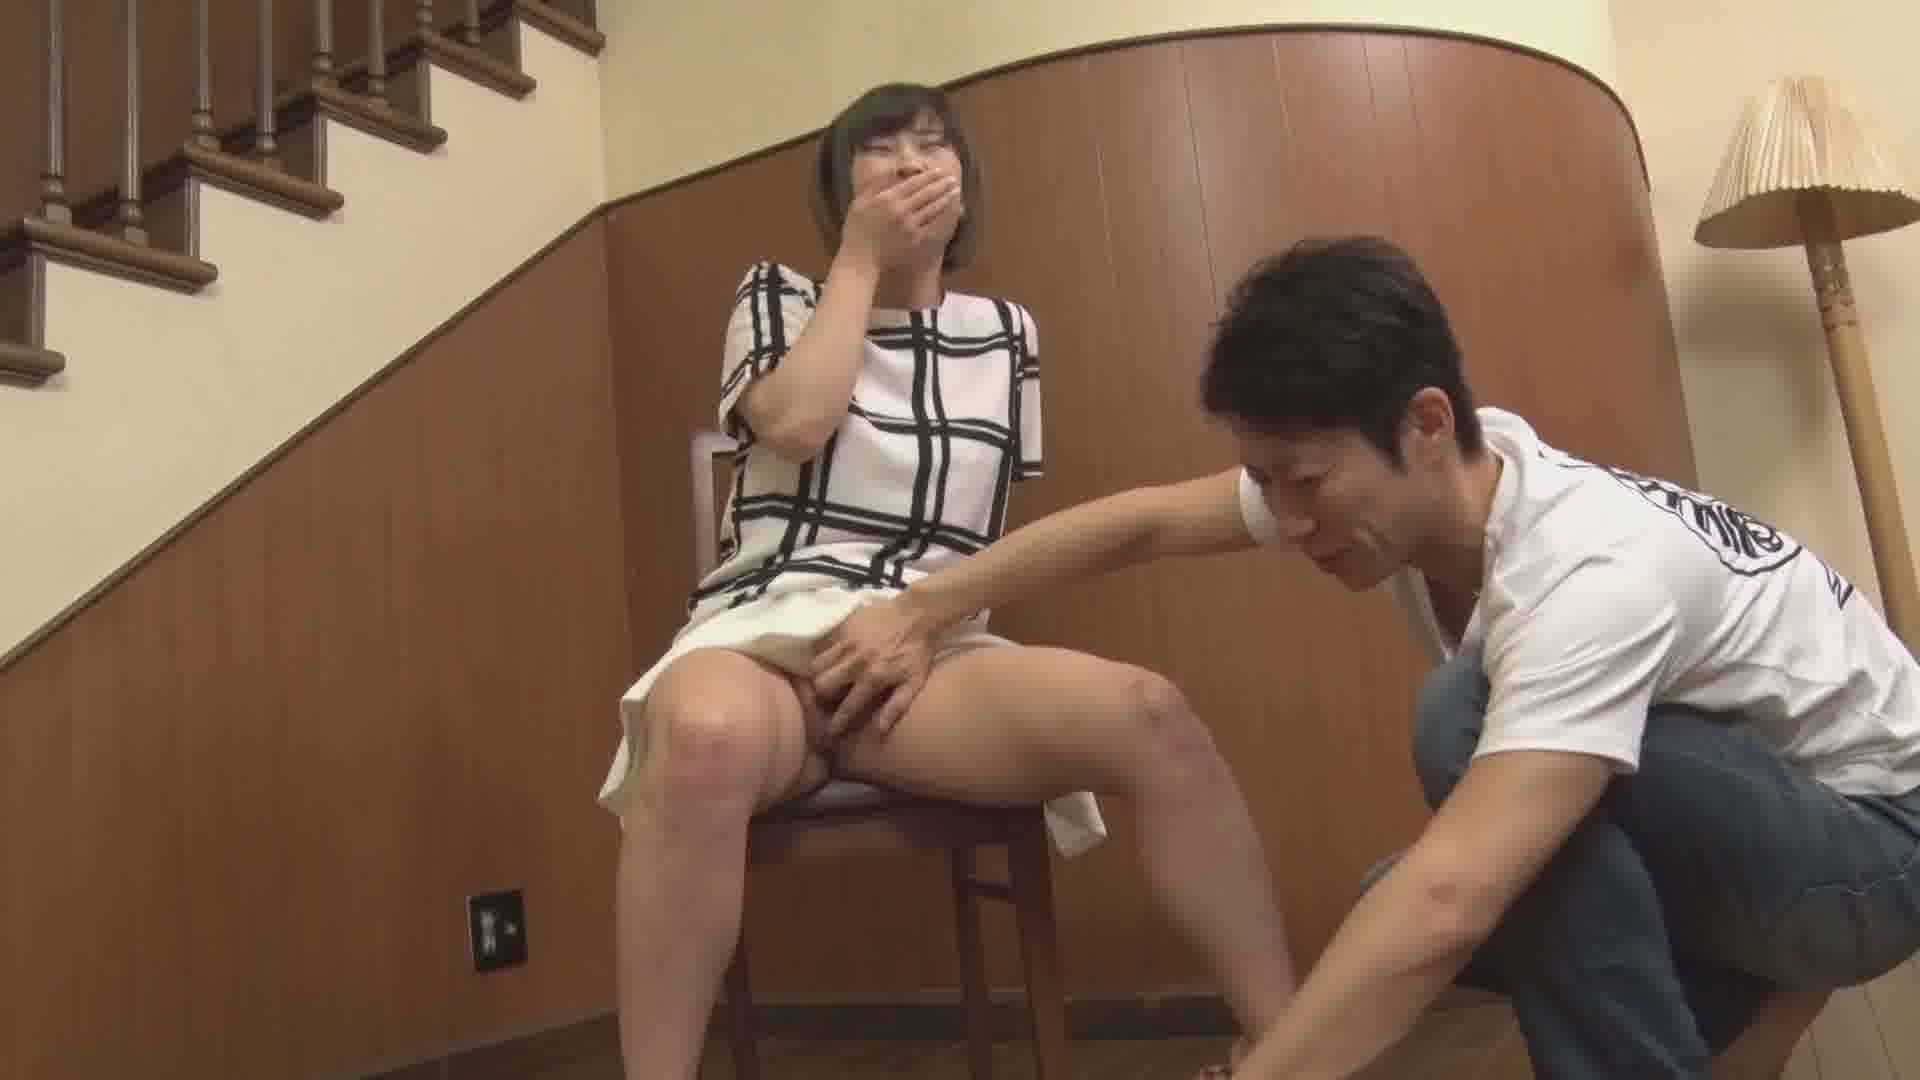 THE 未公開 ~恥じらいのお漏らし大作戦5~ - 折原ほのか【ギャル・巨乳・放尿】